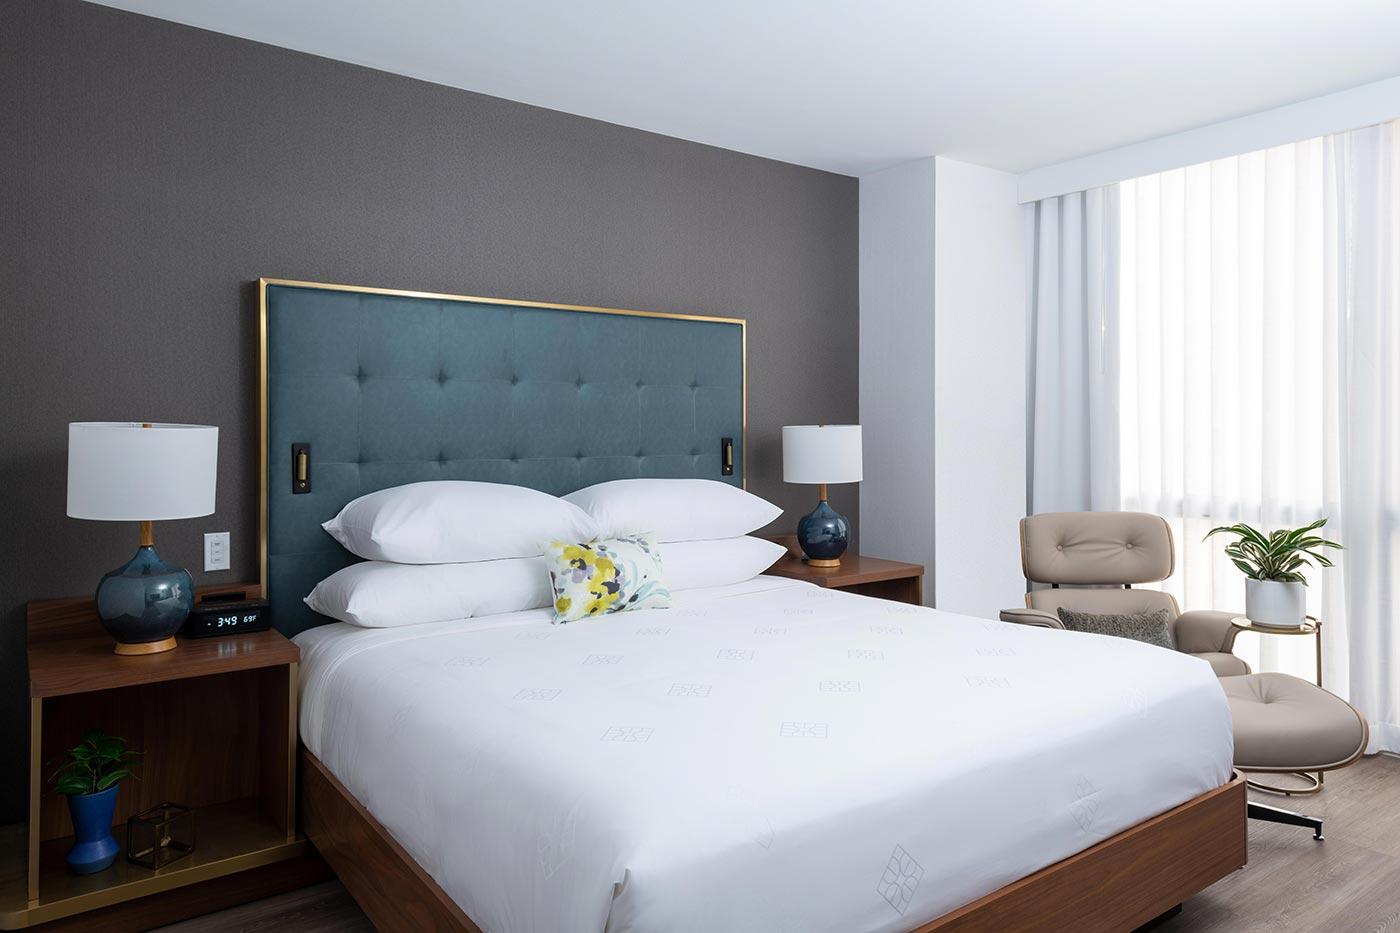 Hotel Essex bedroom